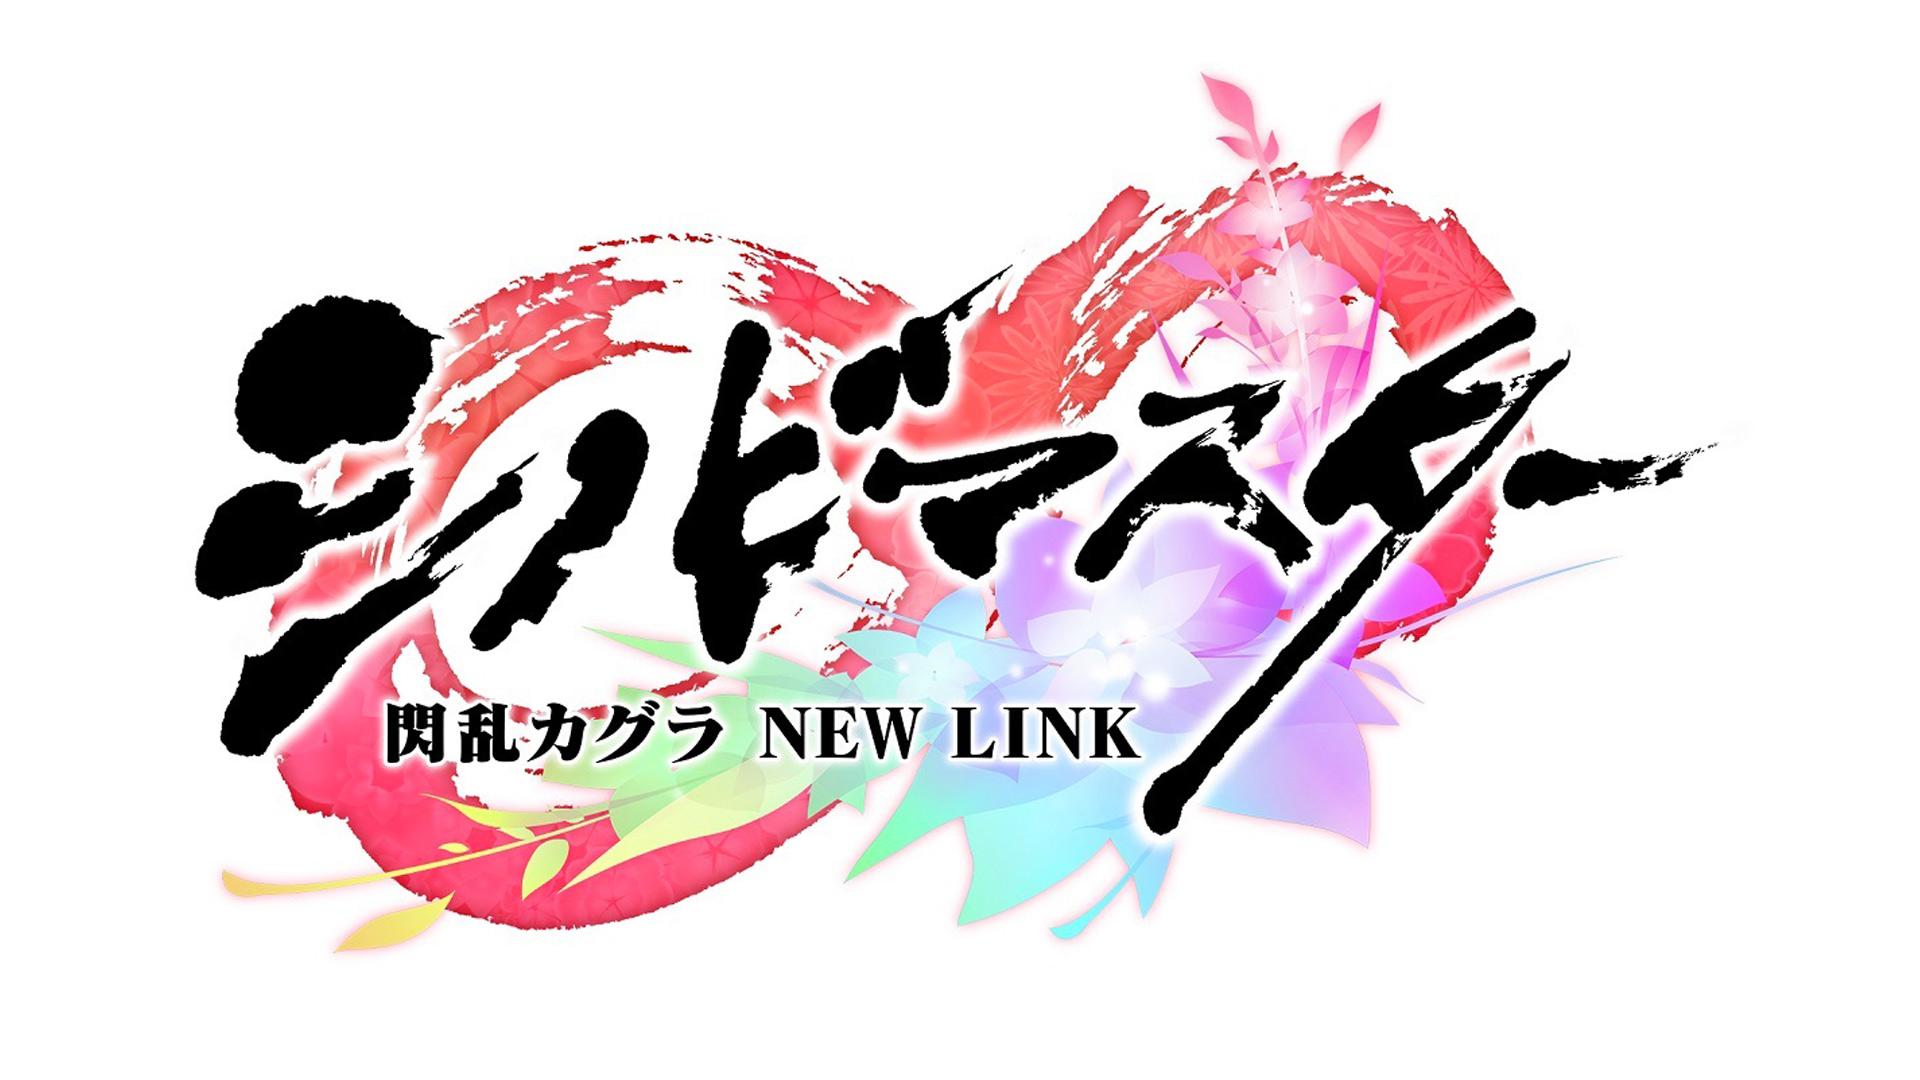 Shinobi Master SENRAN KAGURA: nieuwe link